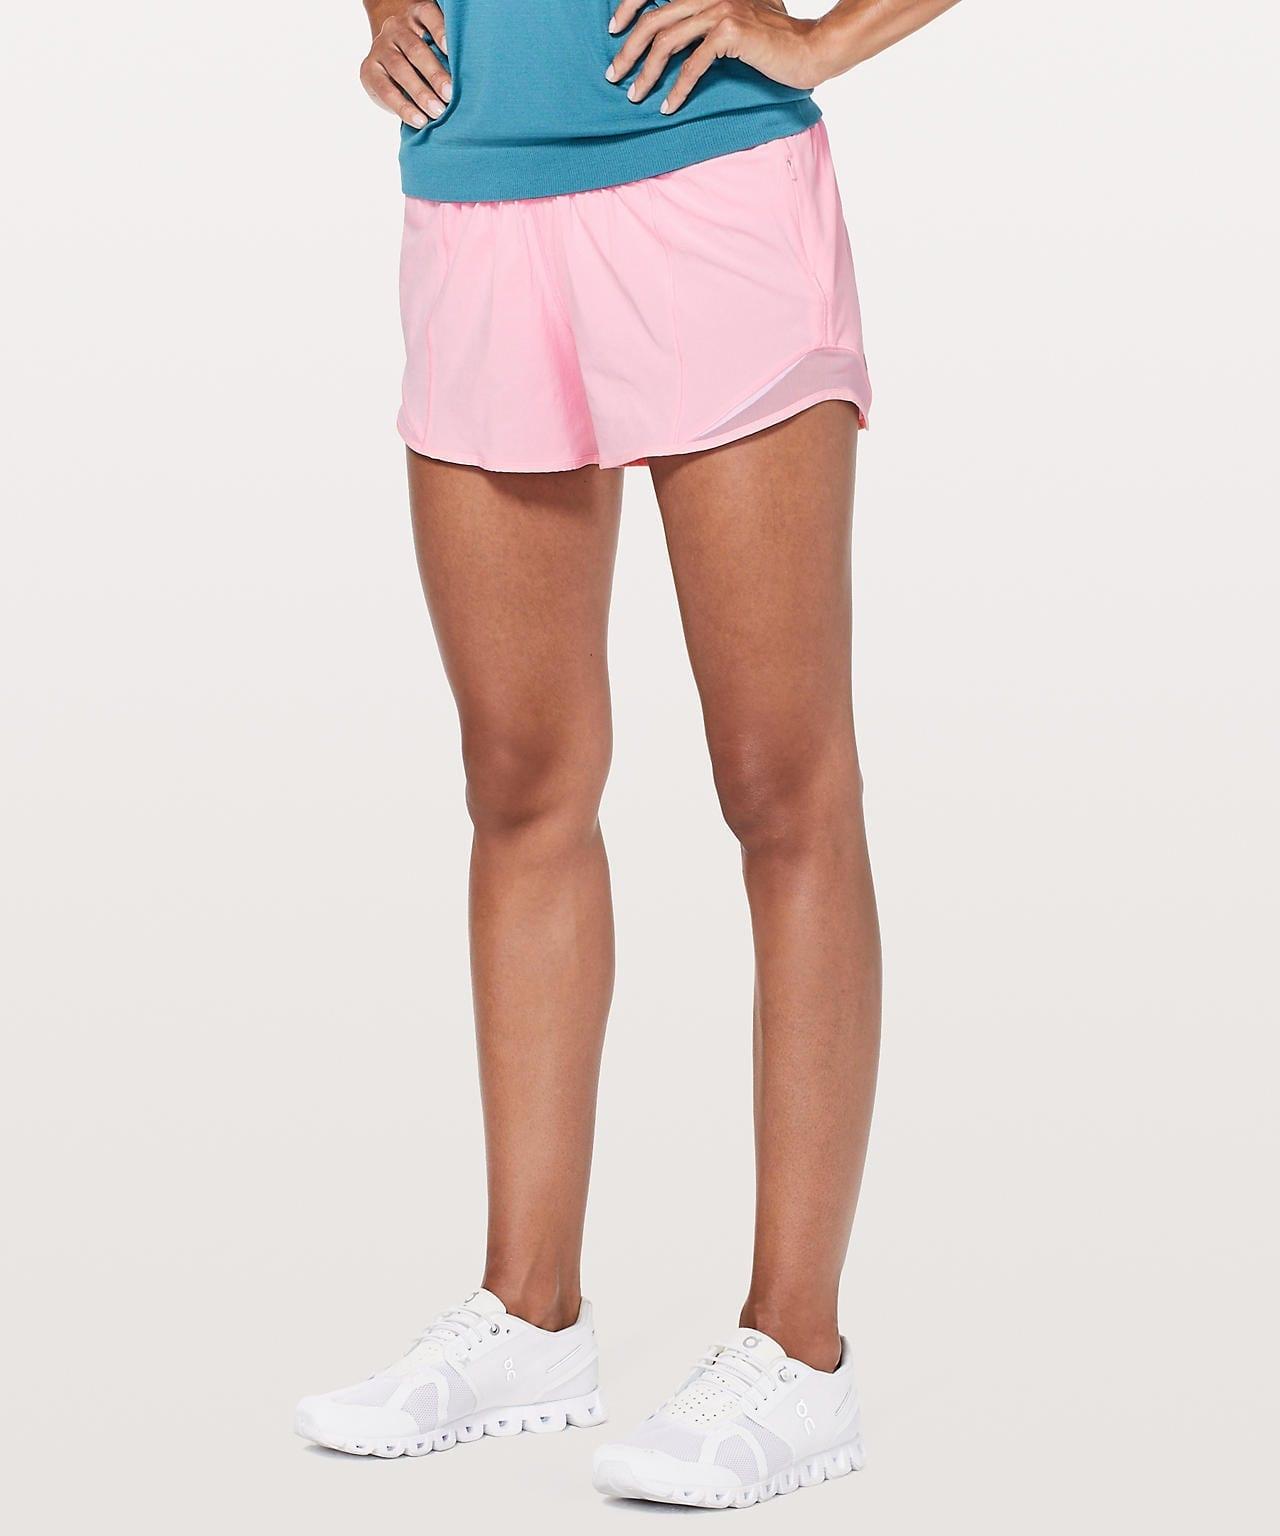 Hotty Hot Short II Long Miami Pink